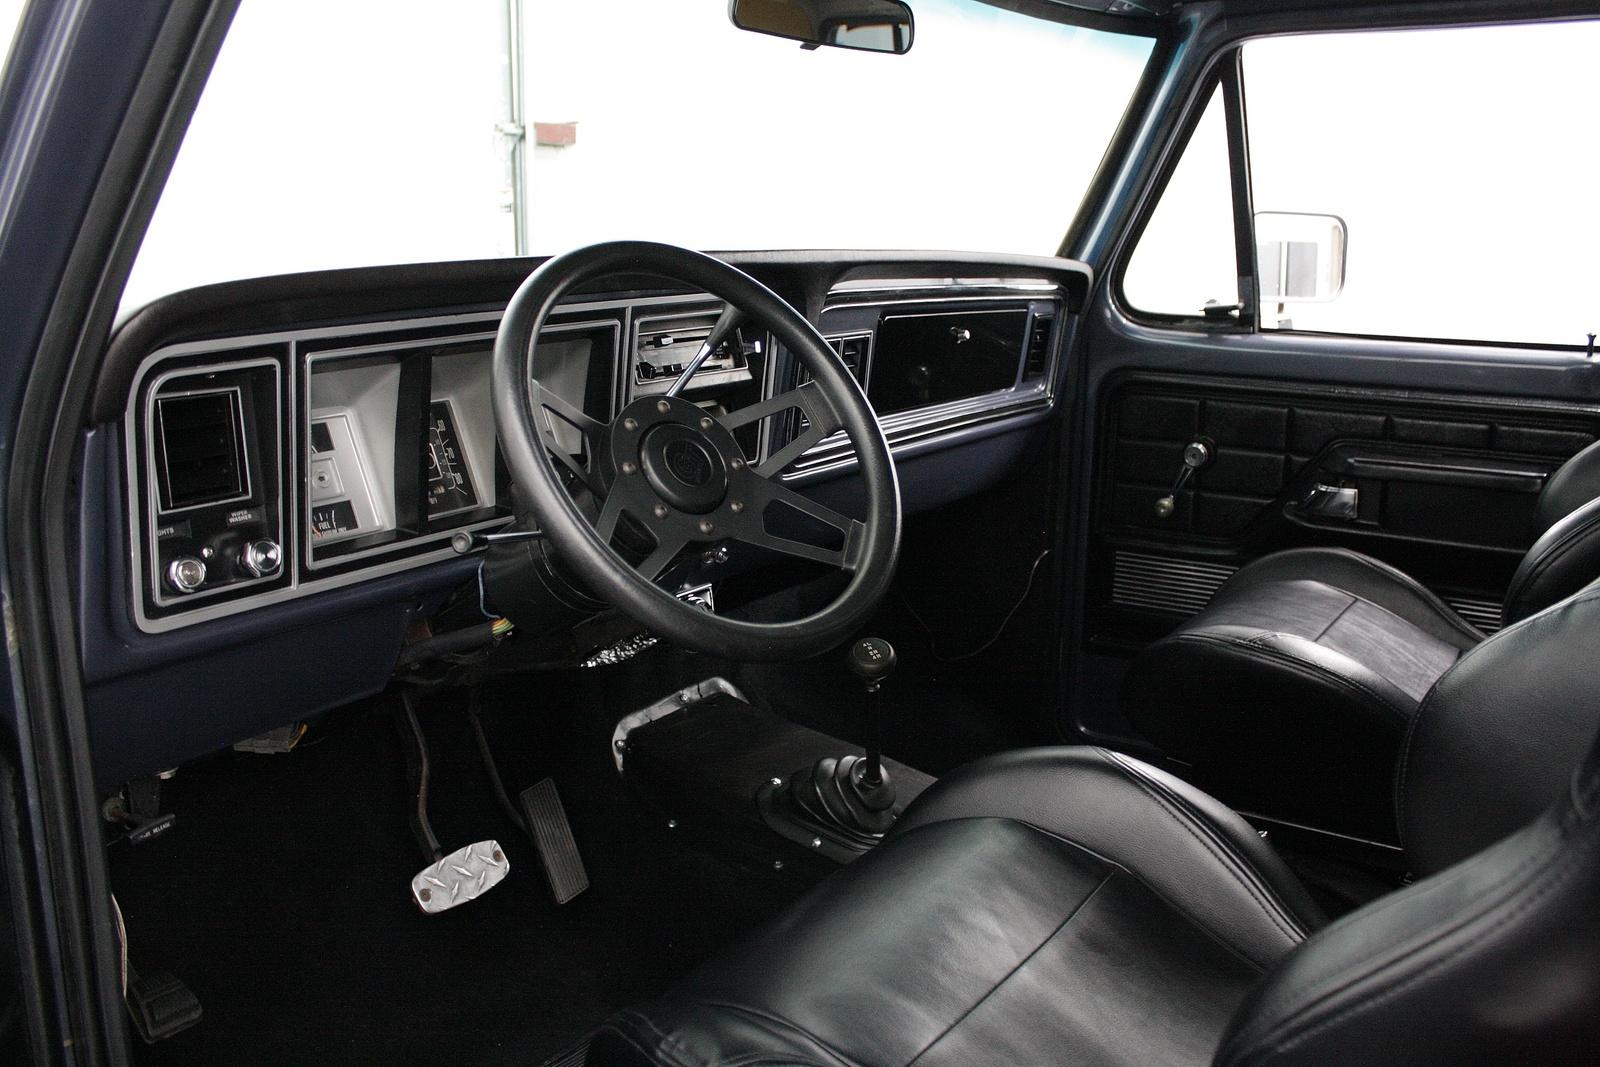 79 Ford Bronco Interior - Carburetor Gallery